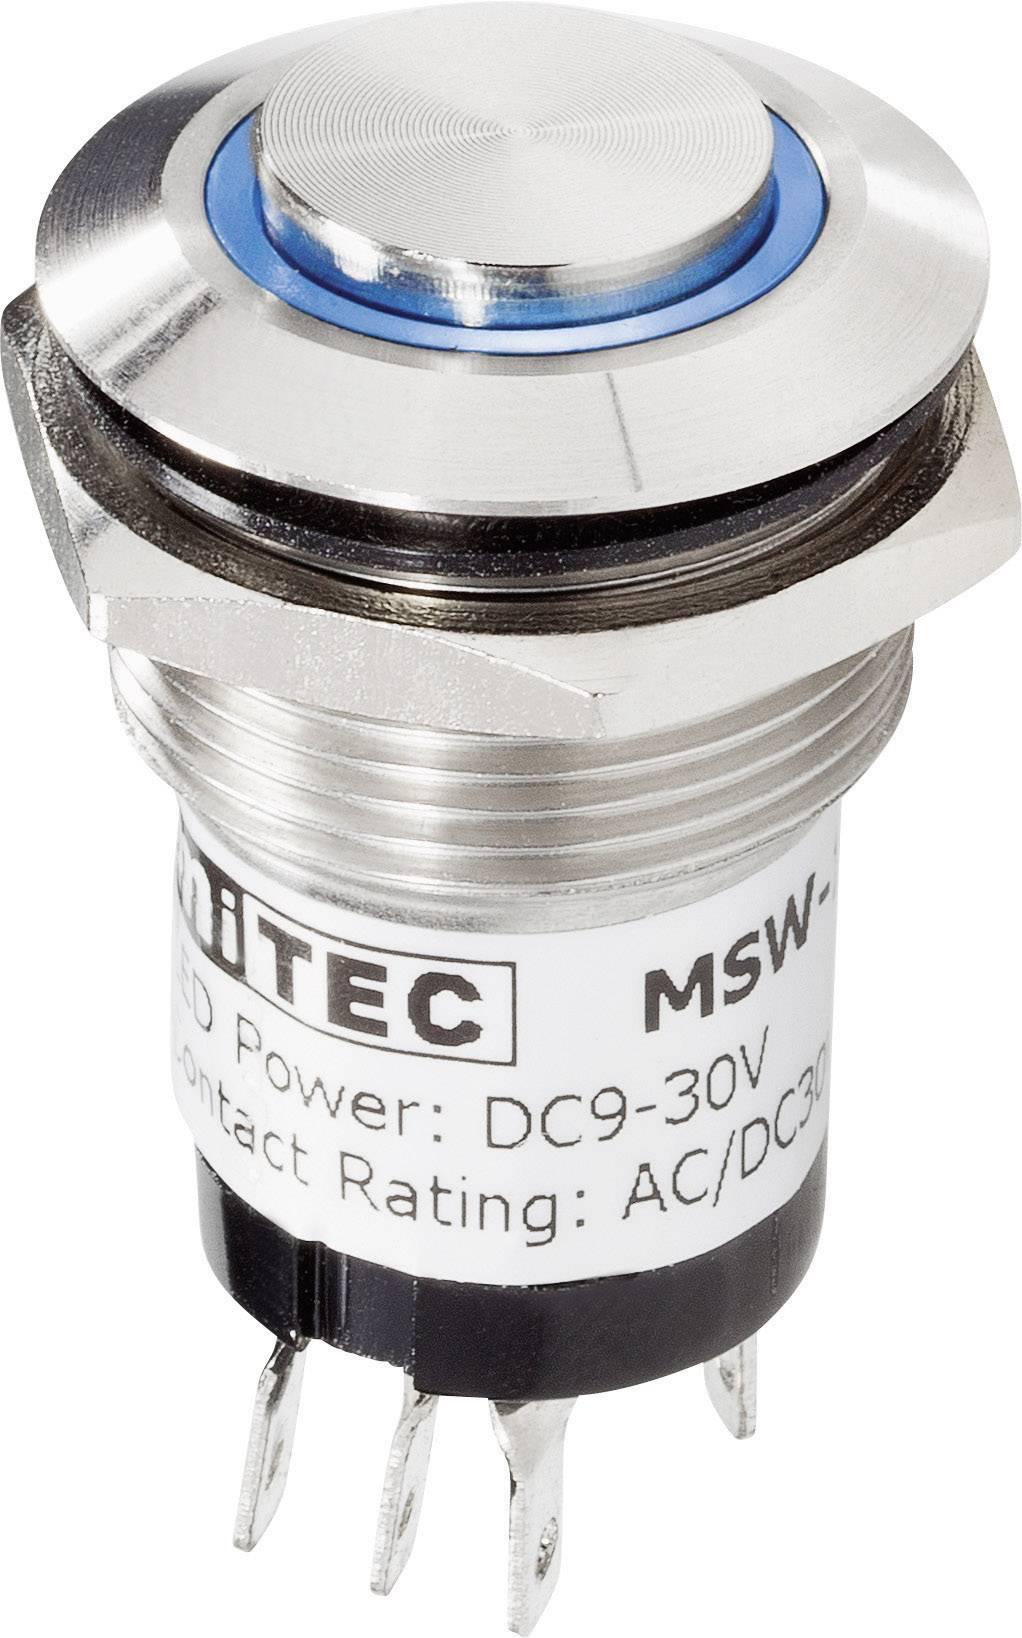 Zvonkové nerezové tlačítko Renkforce, 24 V/1 A, 28 mm, bílá LED